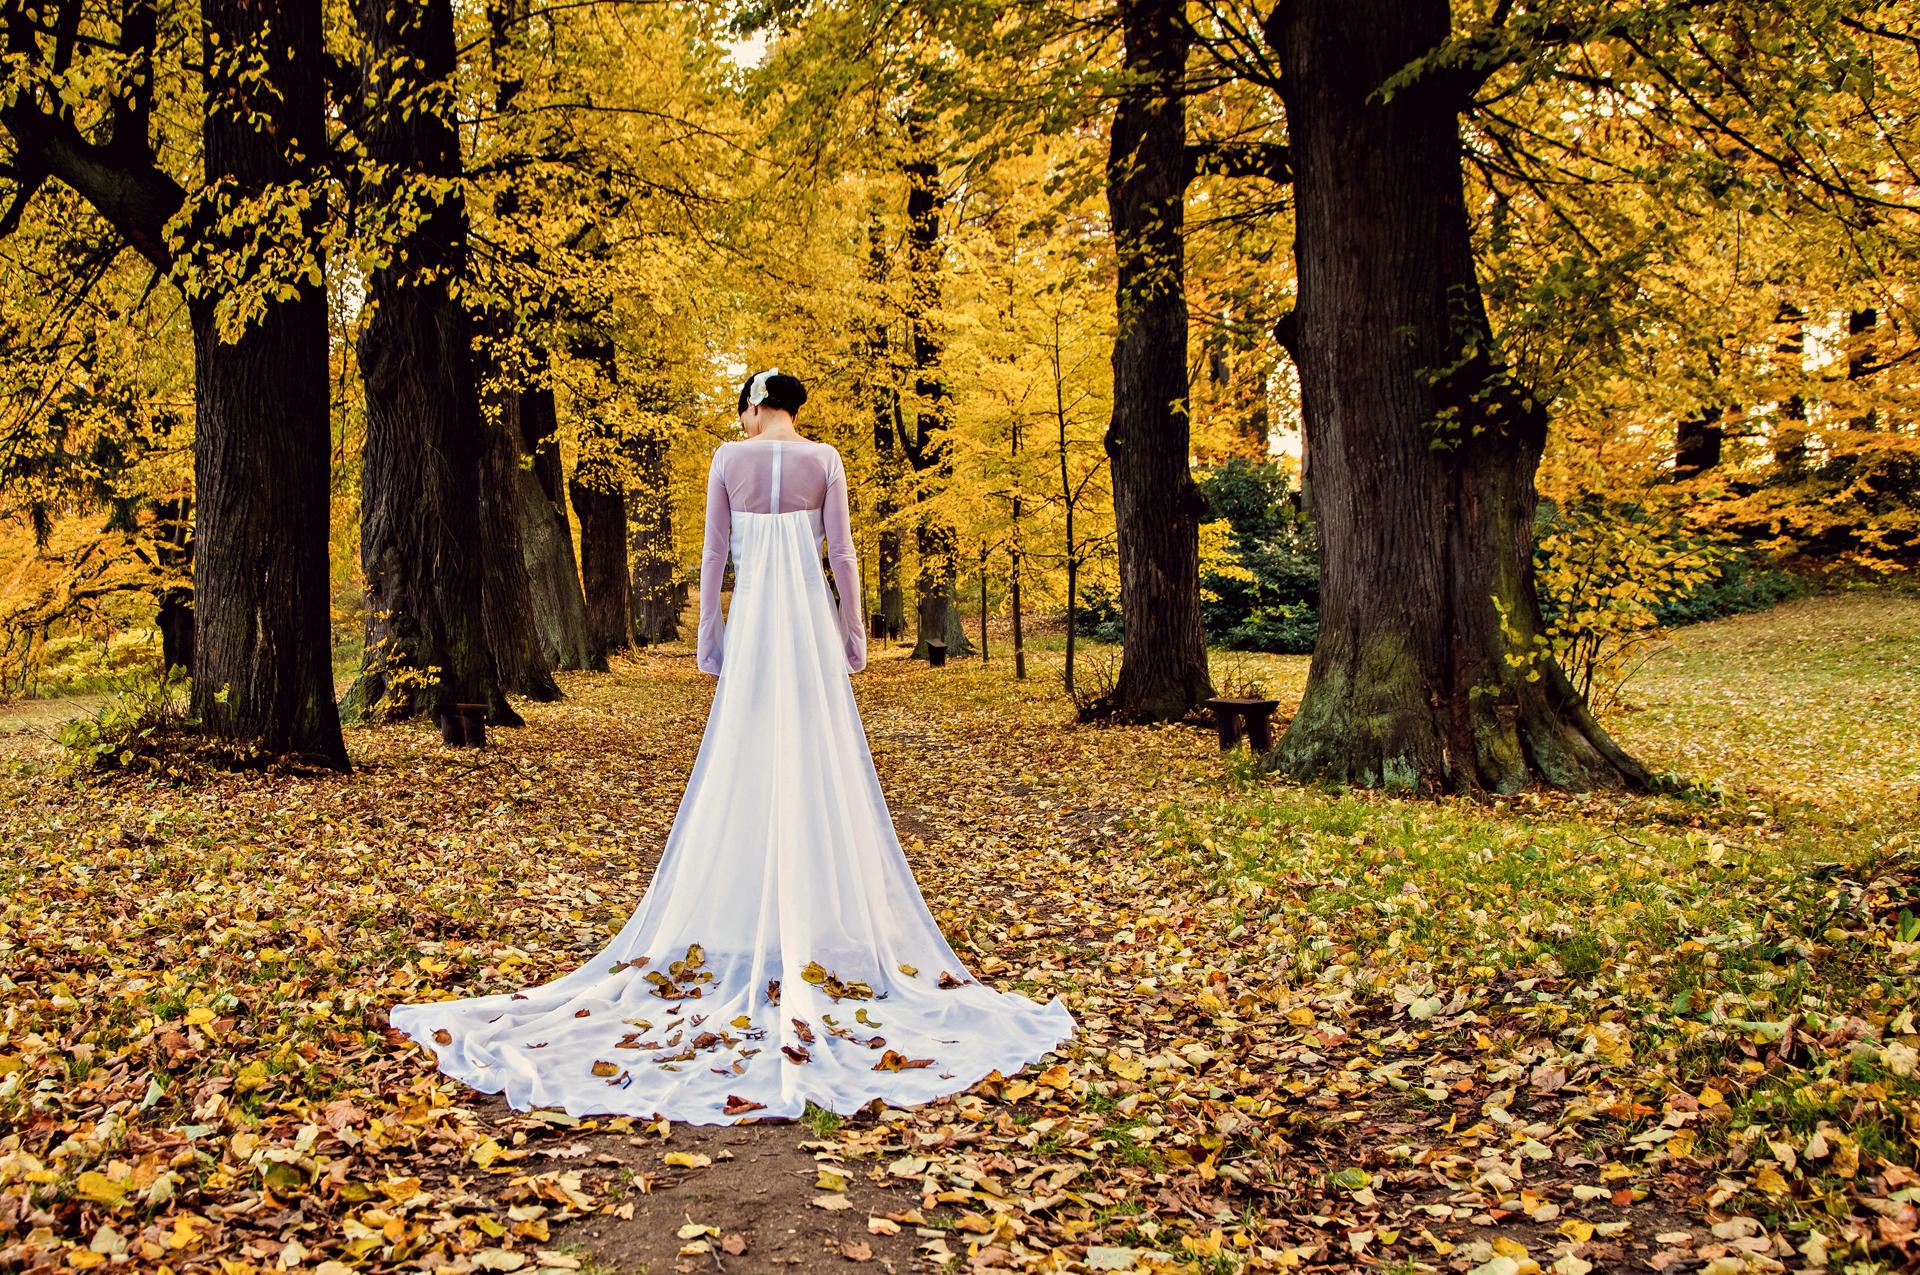 fotograf wałbrzych 19 Plener Oli & Olafa w Zamek Książ